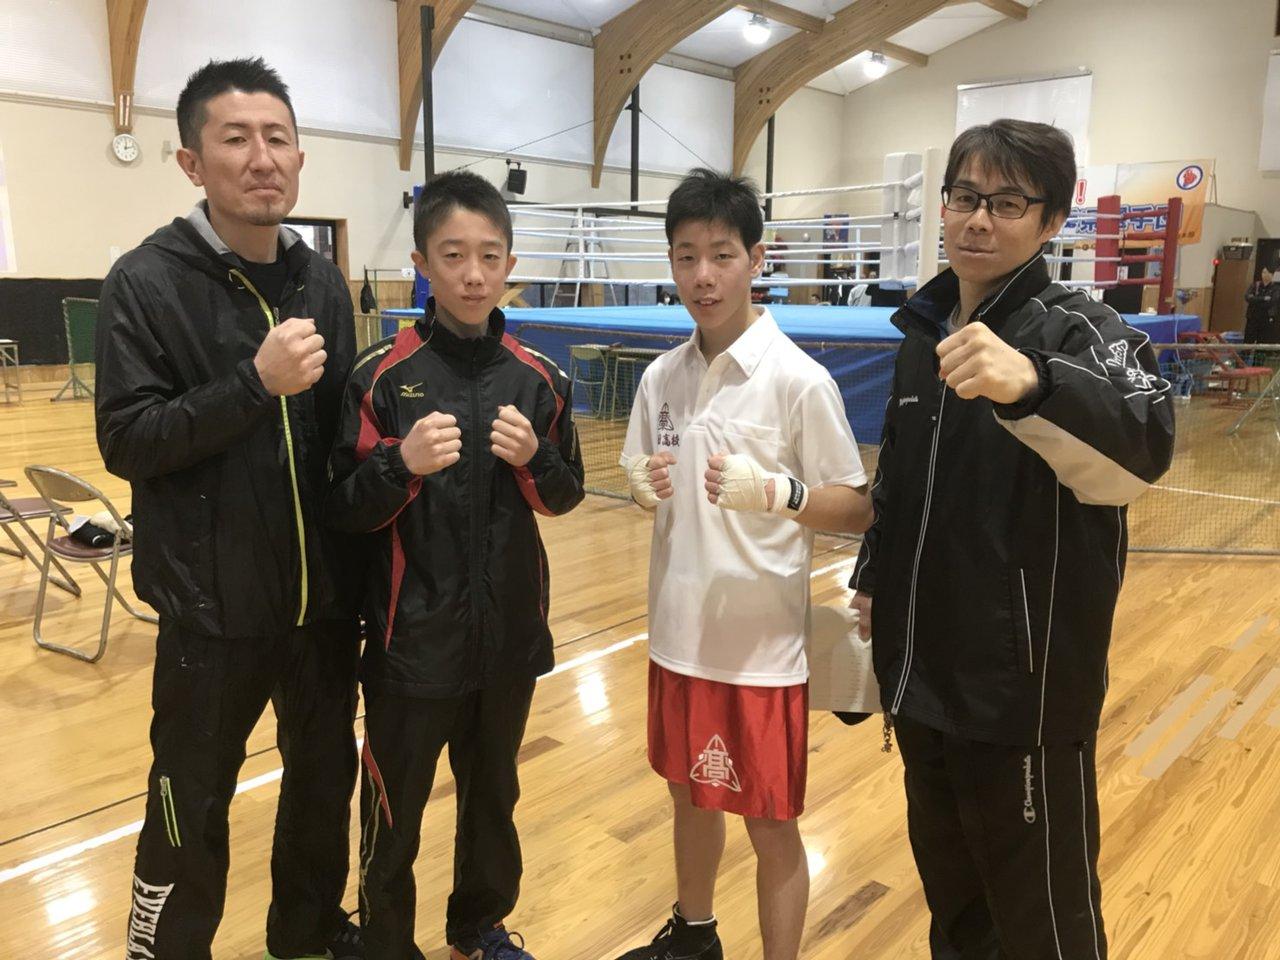 第29回全国高等学校ボクシング選抜大会‼︎ : NEWボクシングクラブのブログ